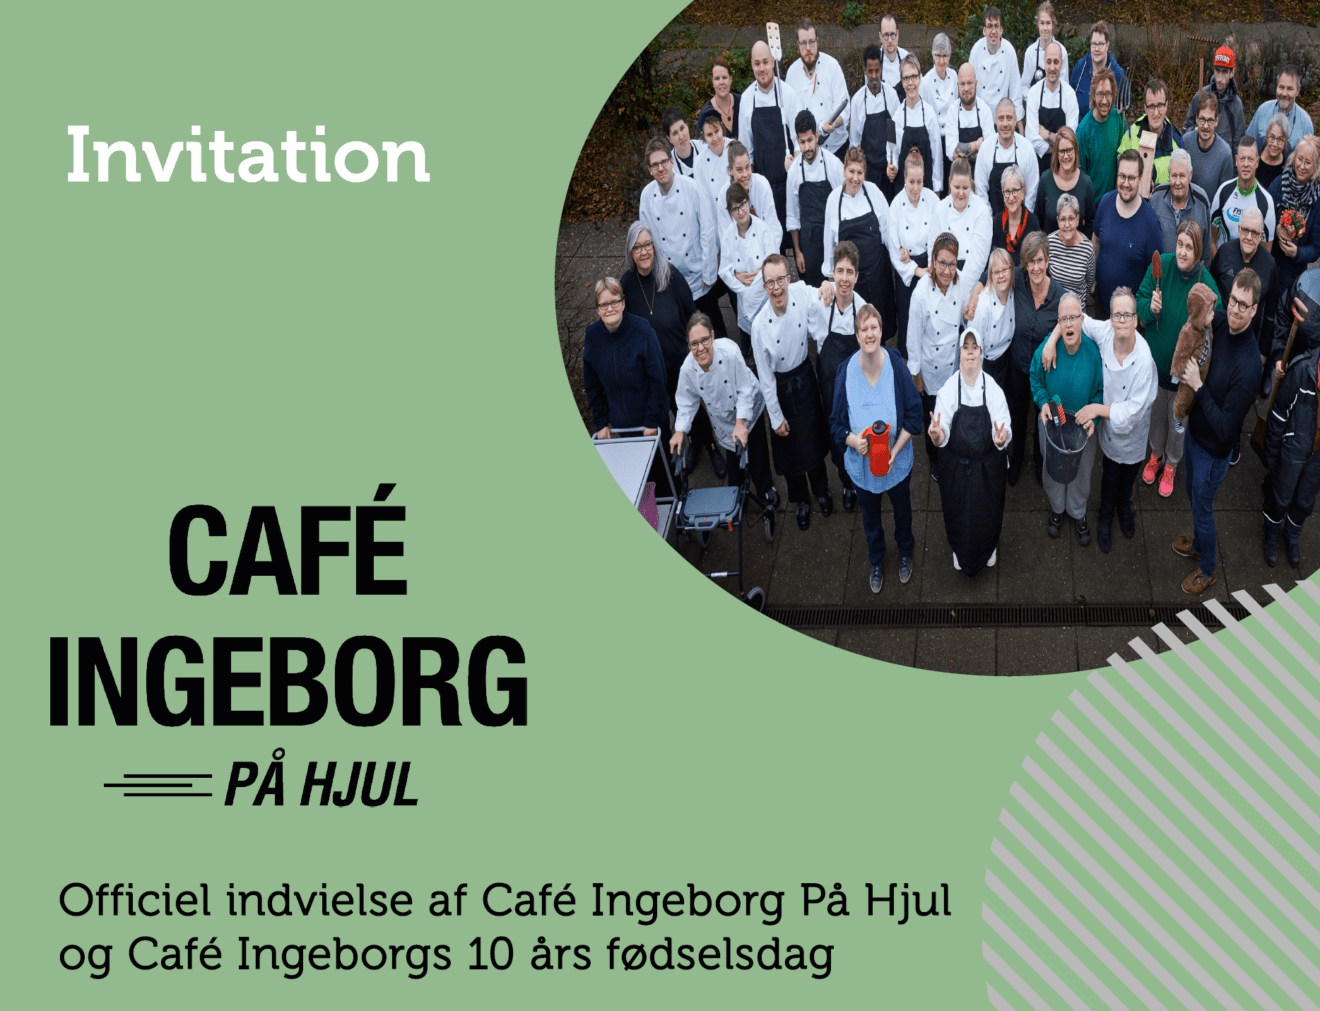 Endelig kan Café Ingeborg fejre foodtruck og 10 års fødselsdag